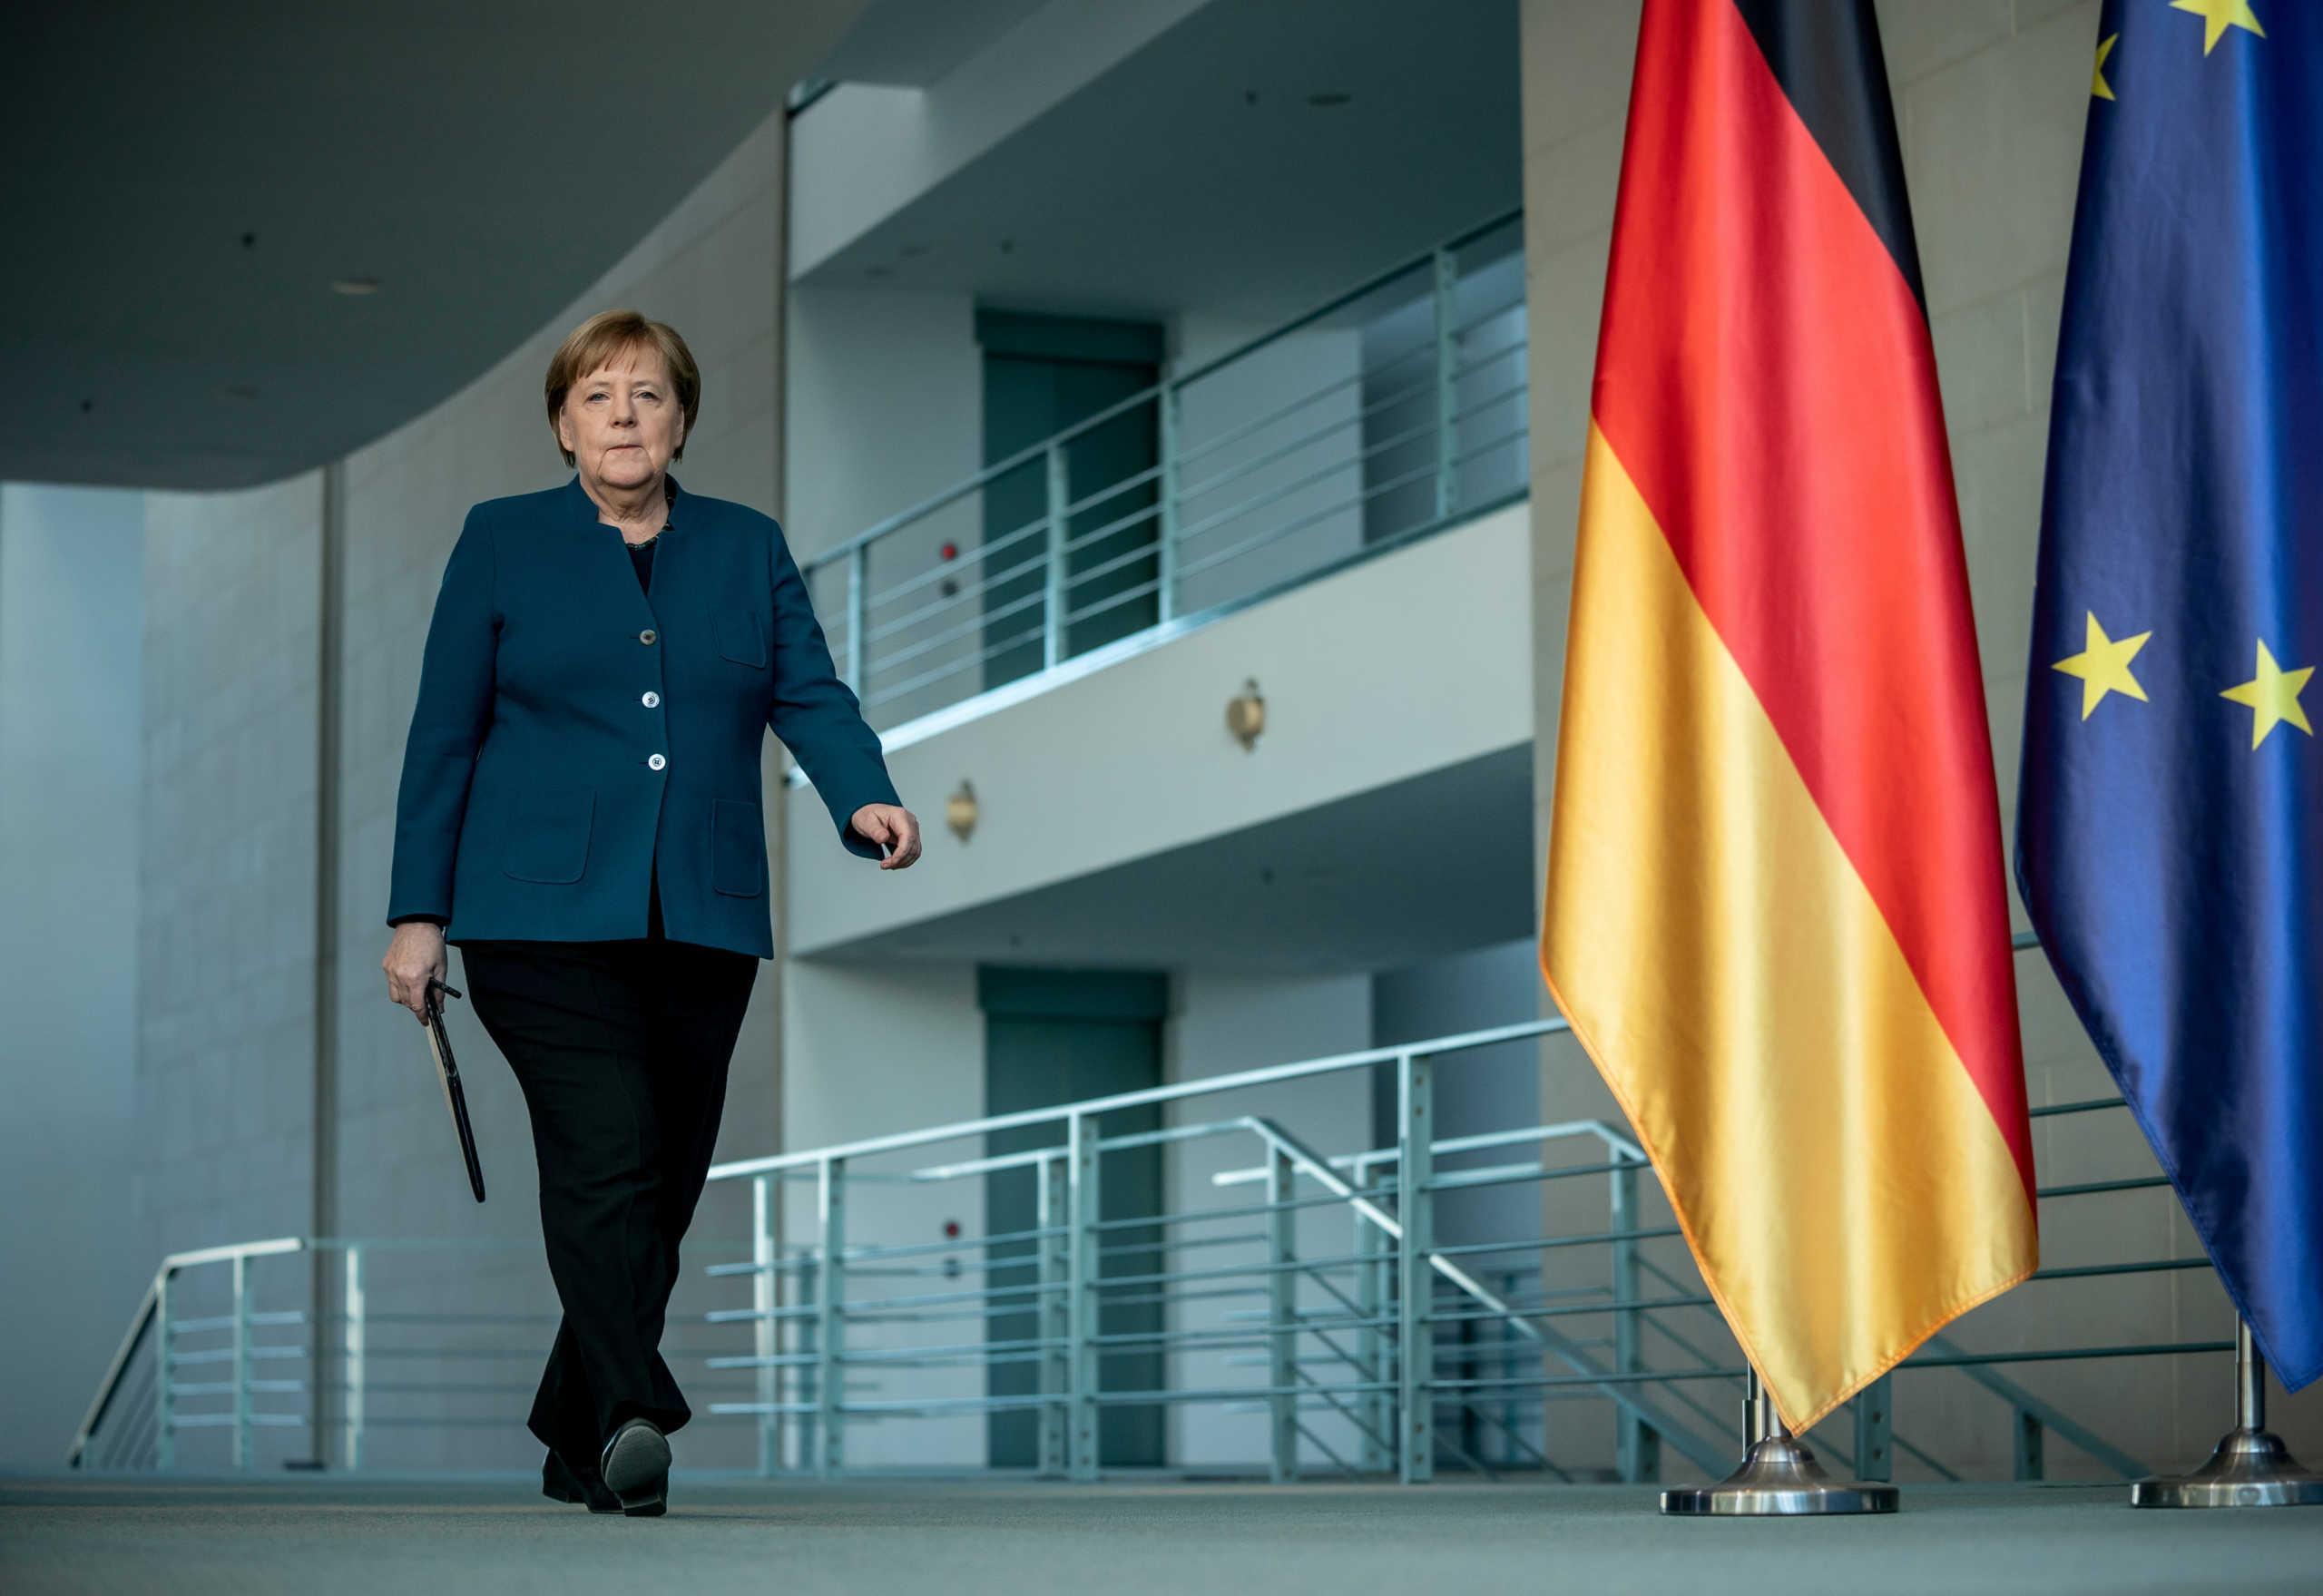 Έλληνες και Γερμανοί ευρωβουλευτές σε Μέρκελ: Όχι στην πώληση υποβρυχίων στην Τουρκία